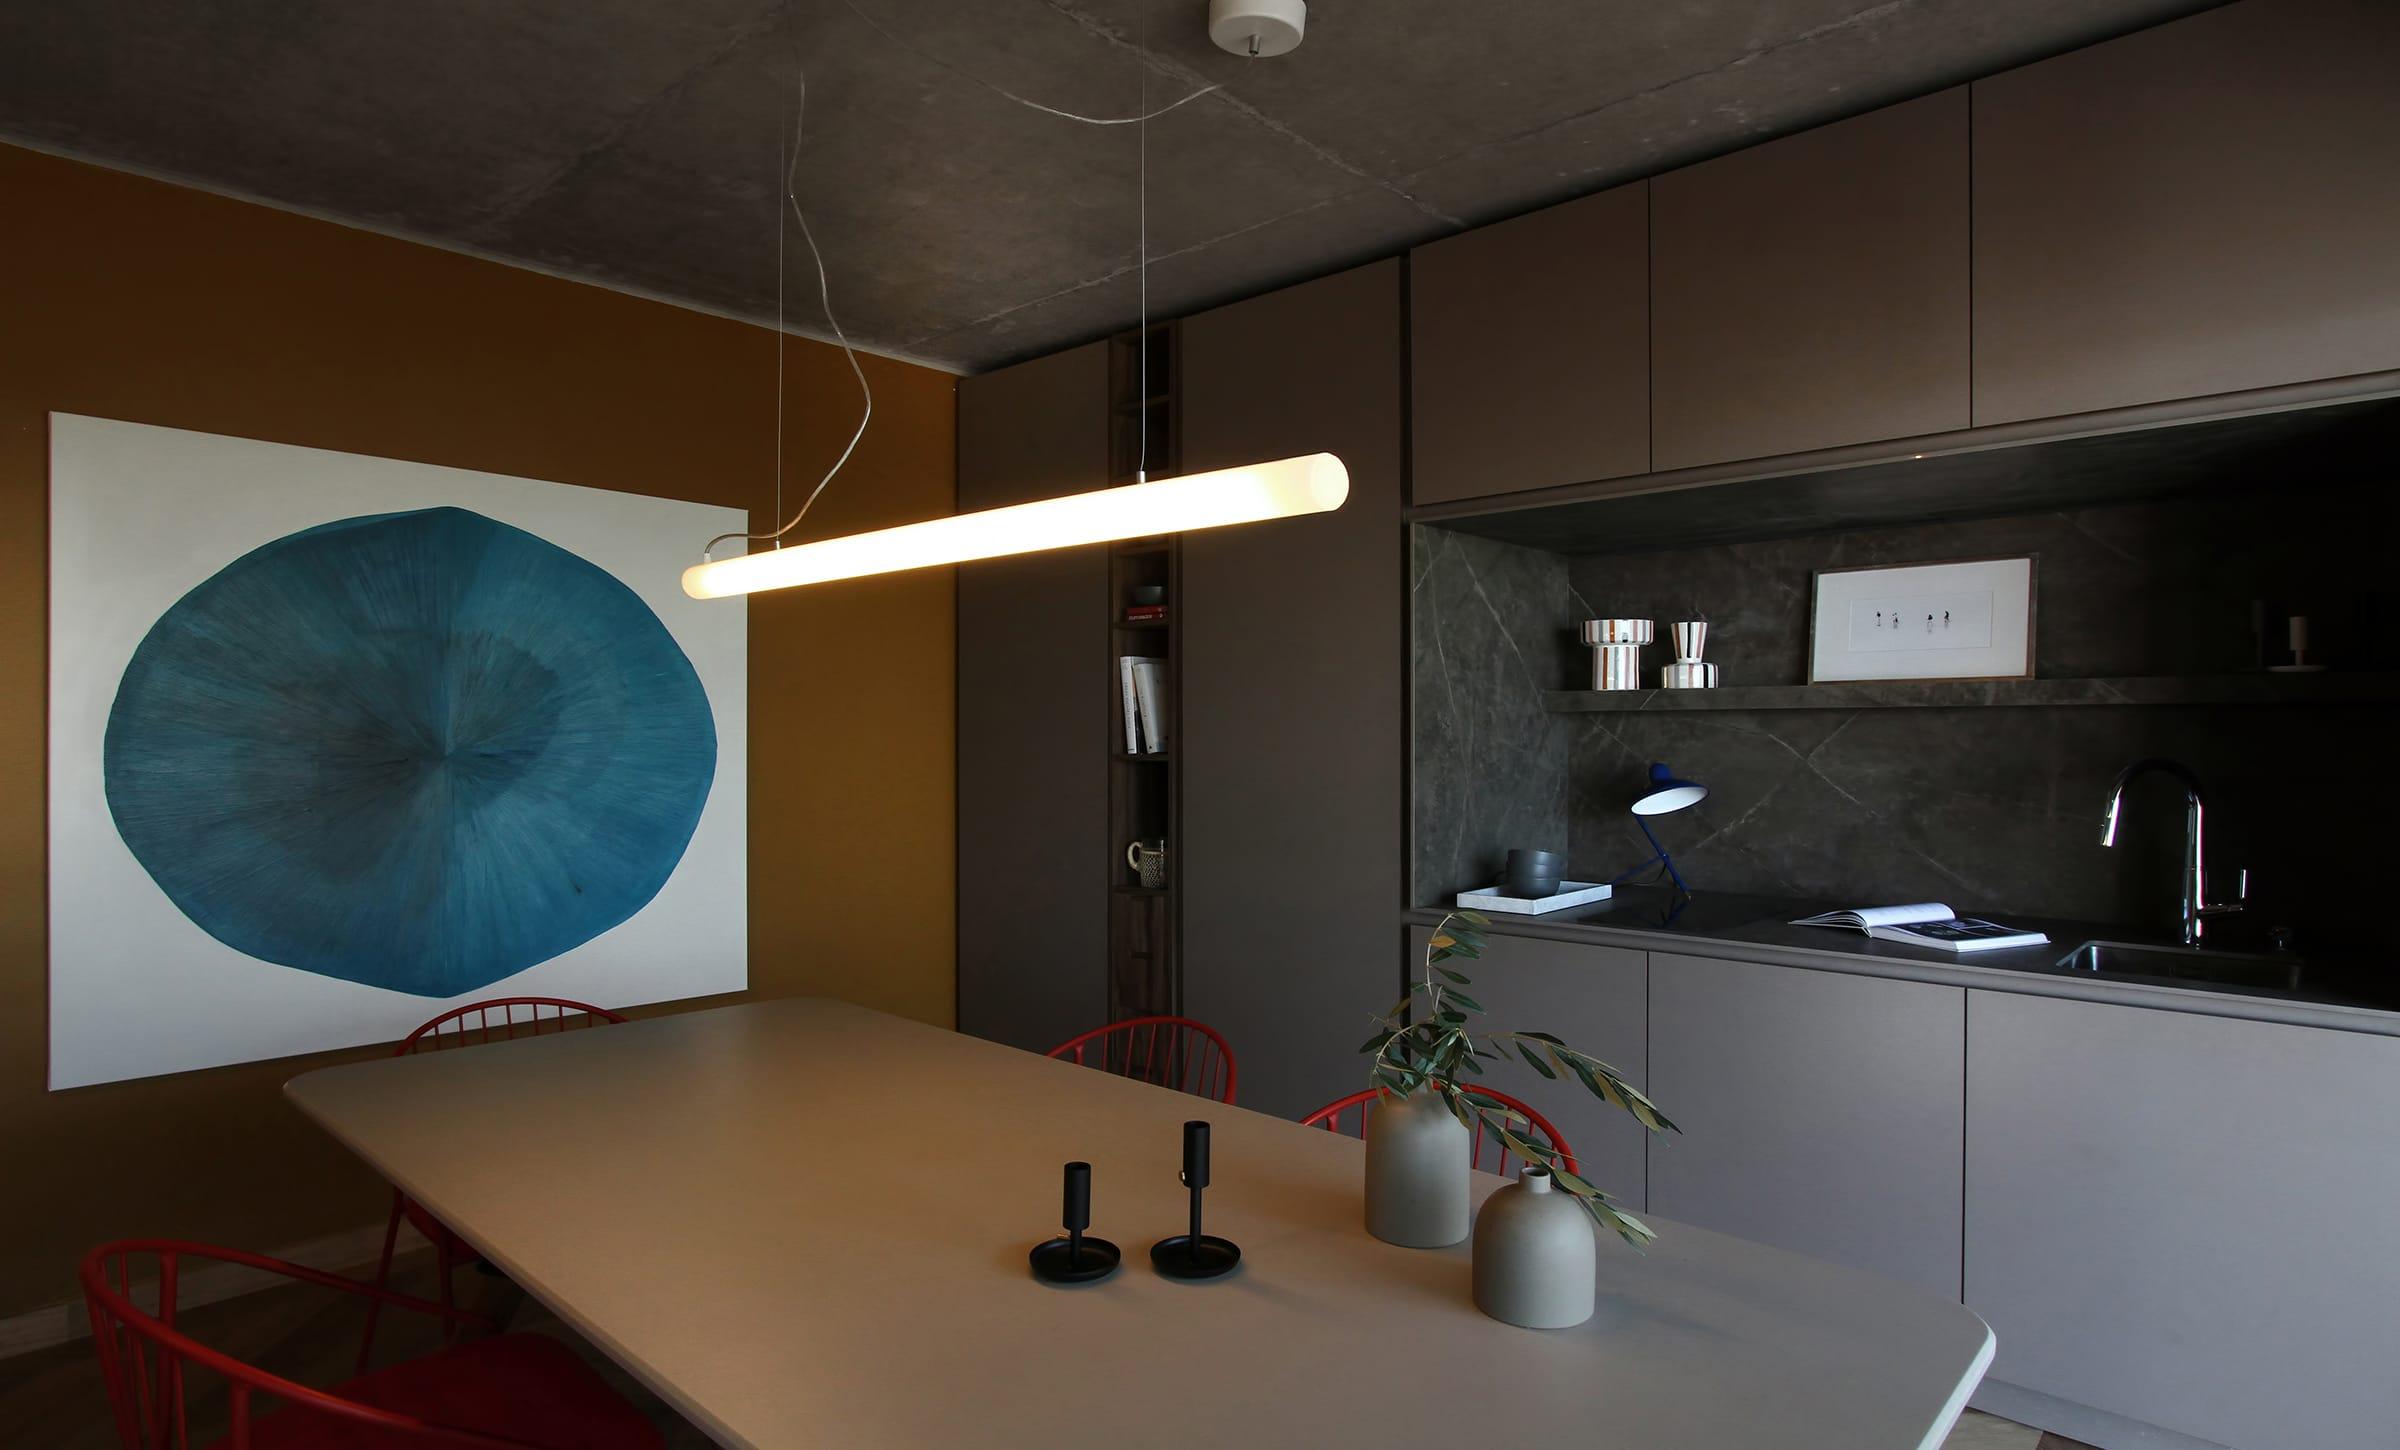 La cocina empotrada, totalmente revestida en Dekton color Kira (Canteras del Mundo) en tonos terrosos que contrastan con vetas en gris claro.